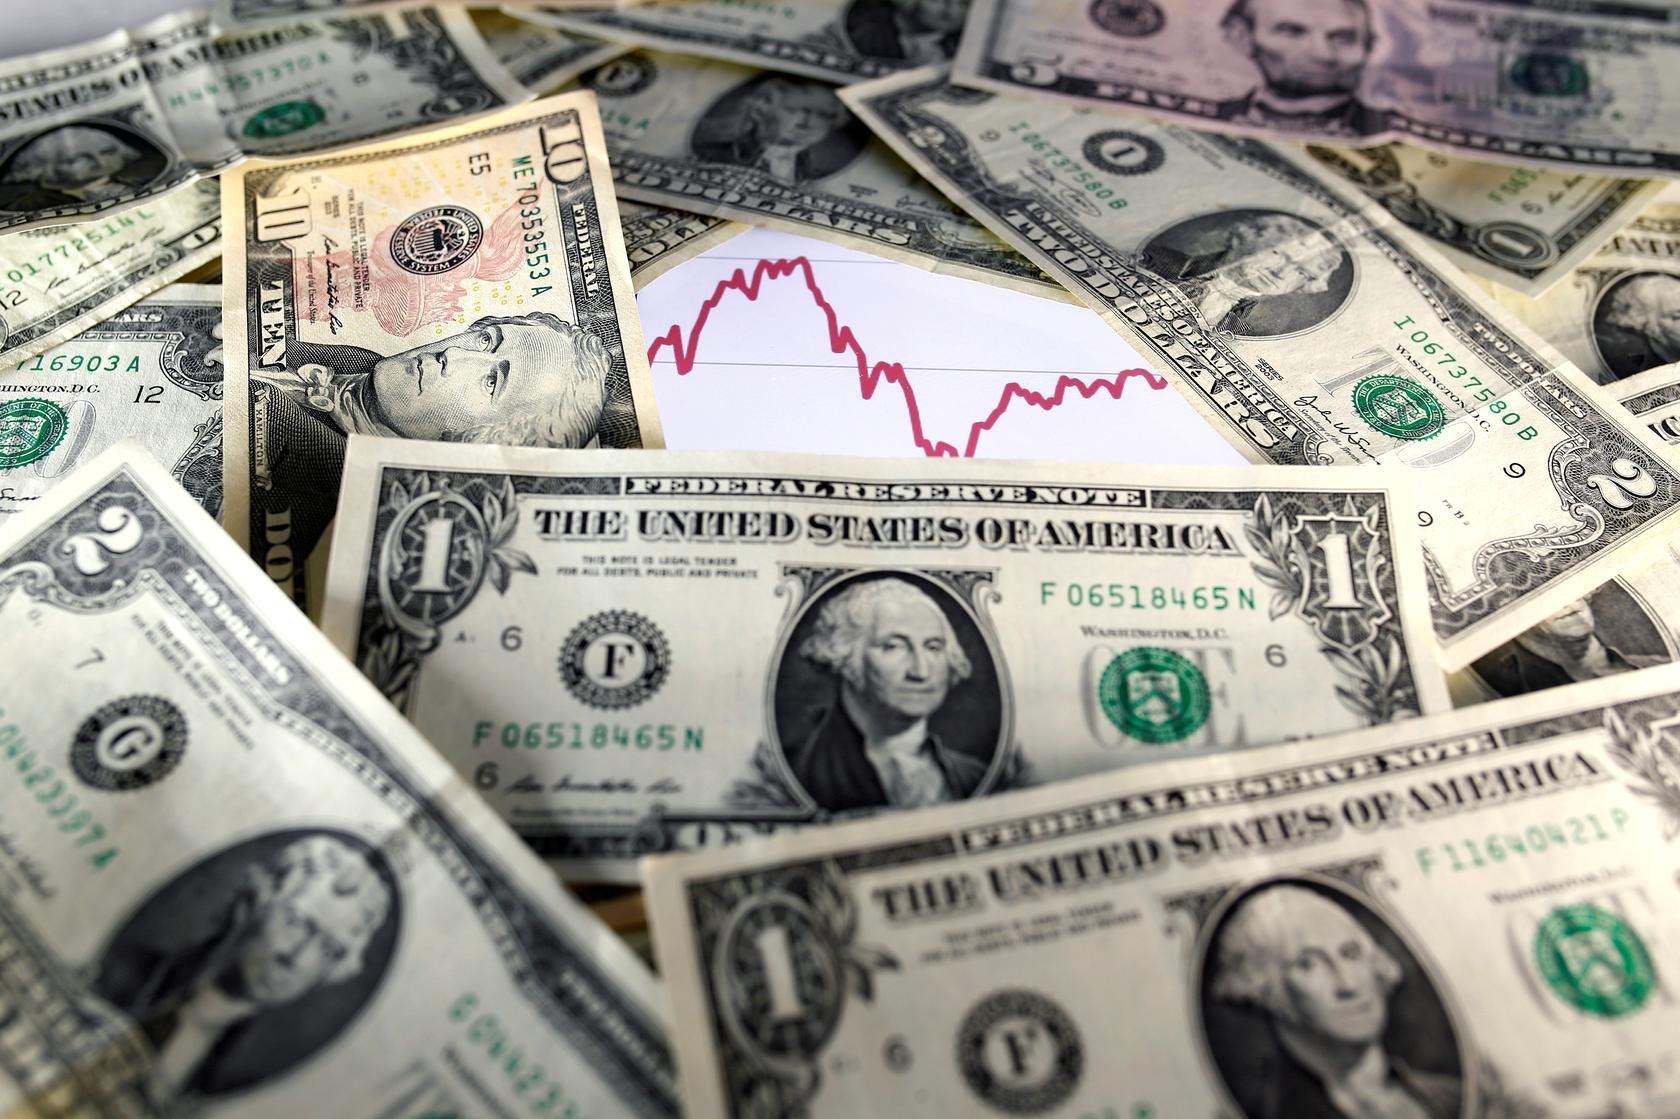 Tỷ giá USD hôm nay 25/2: Kết thúc đà tăng mạnh trước kì vọng Fed giảm lãi suất - Ảnh 1.